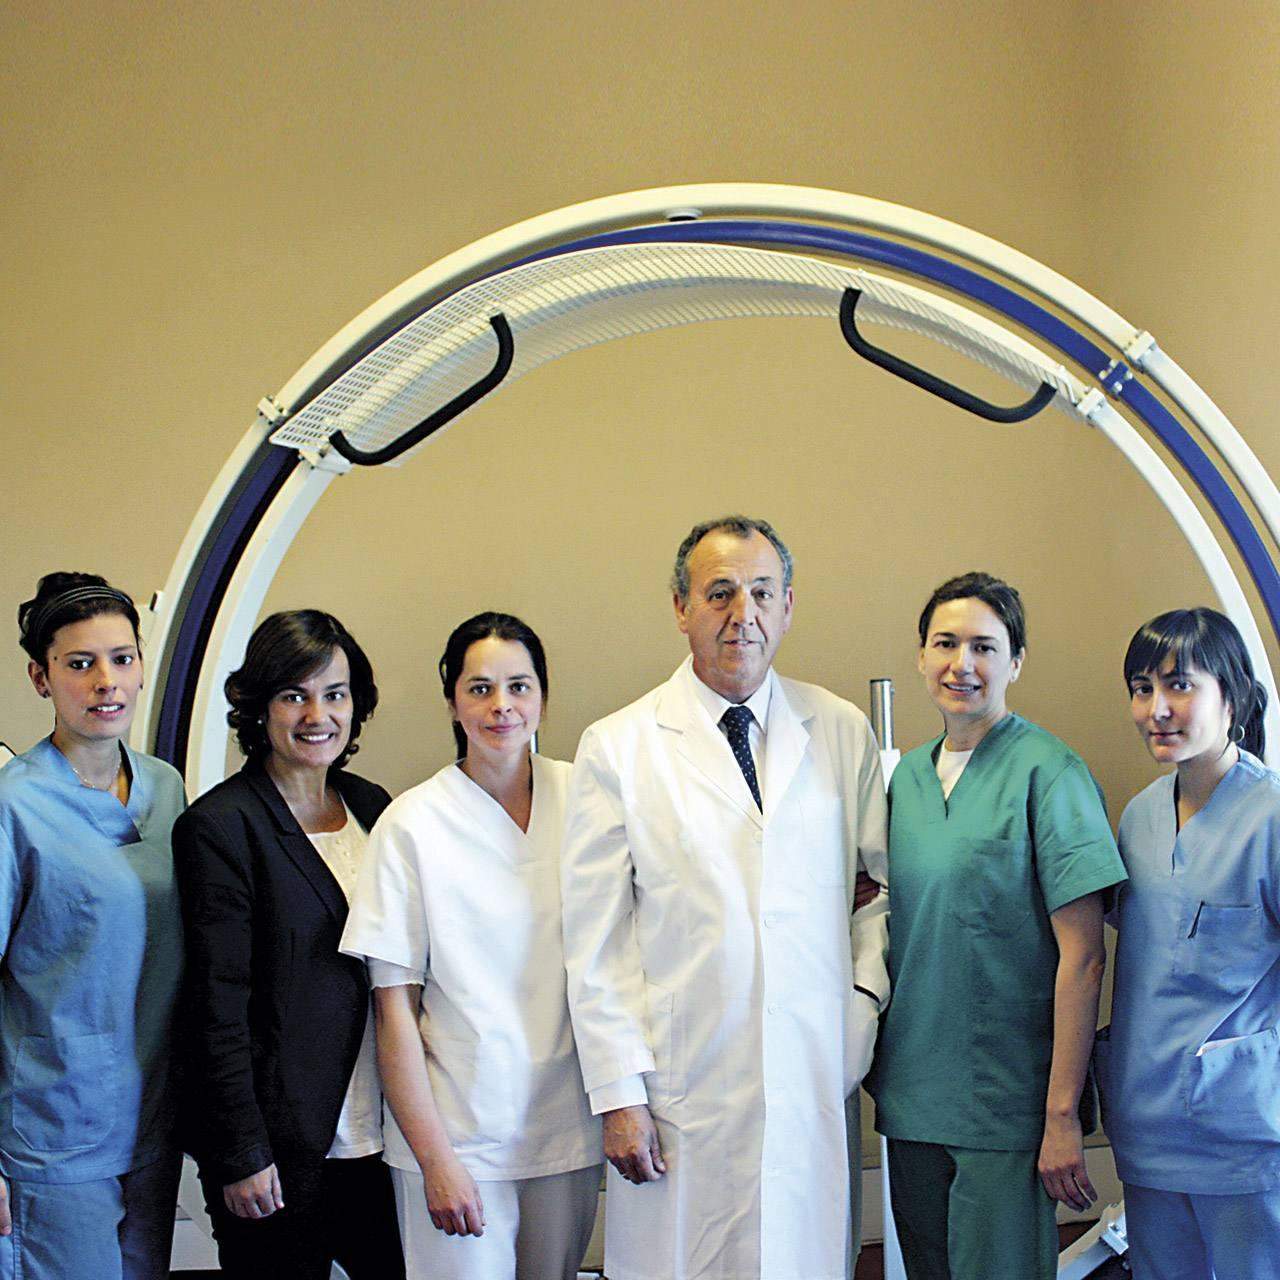 el equipo profesional de la clínica arthros